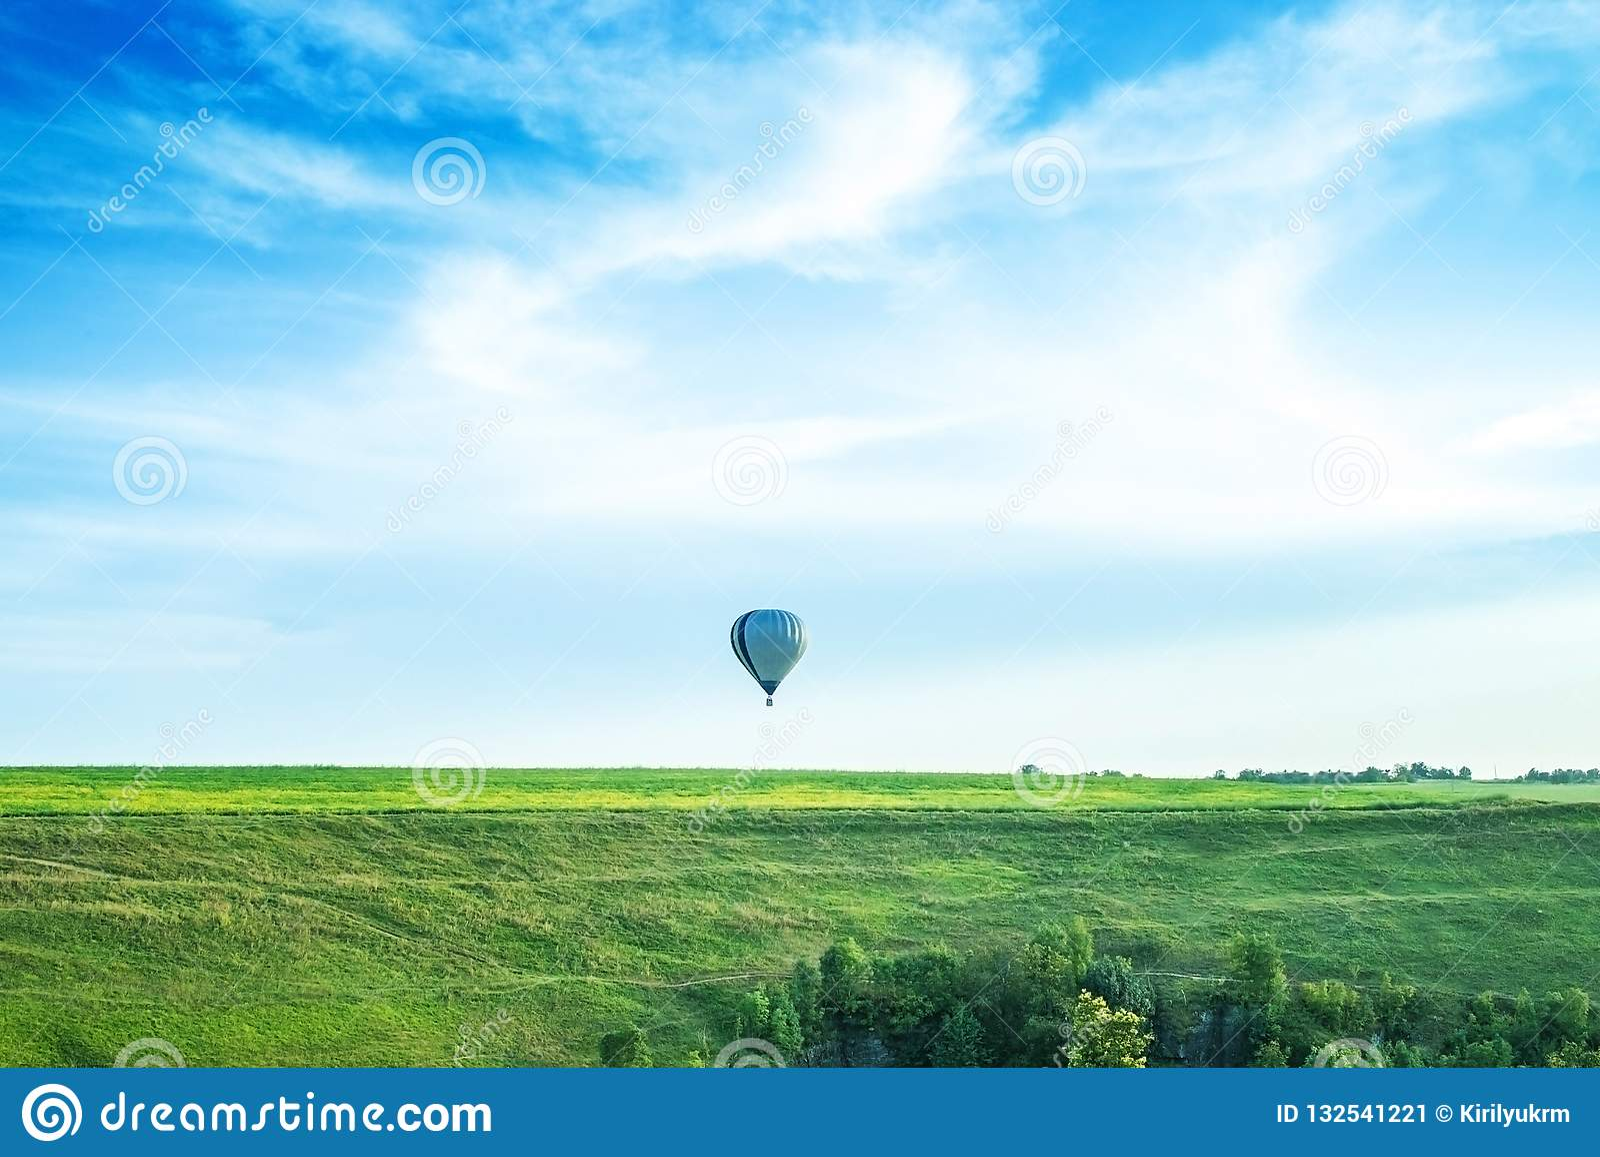 Balon w niebie nad horyzont